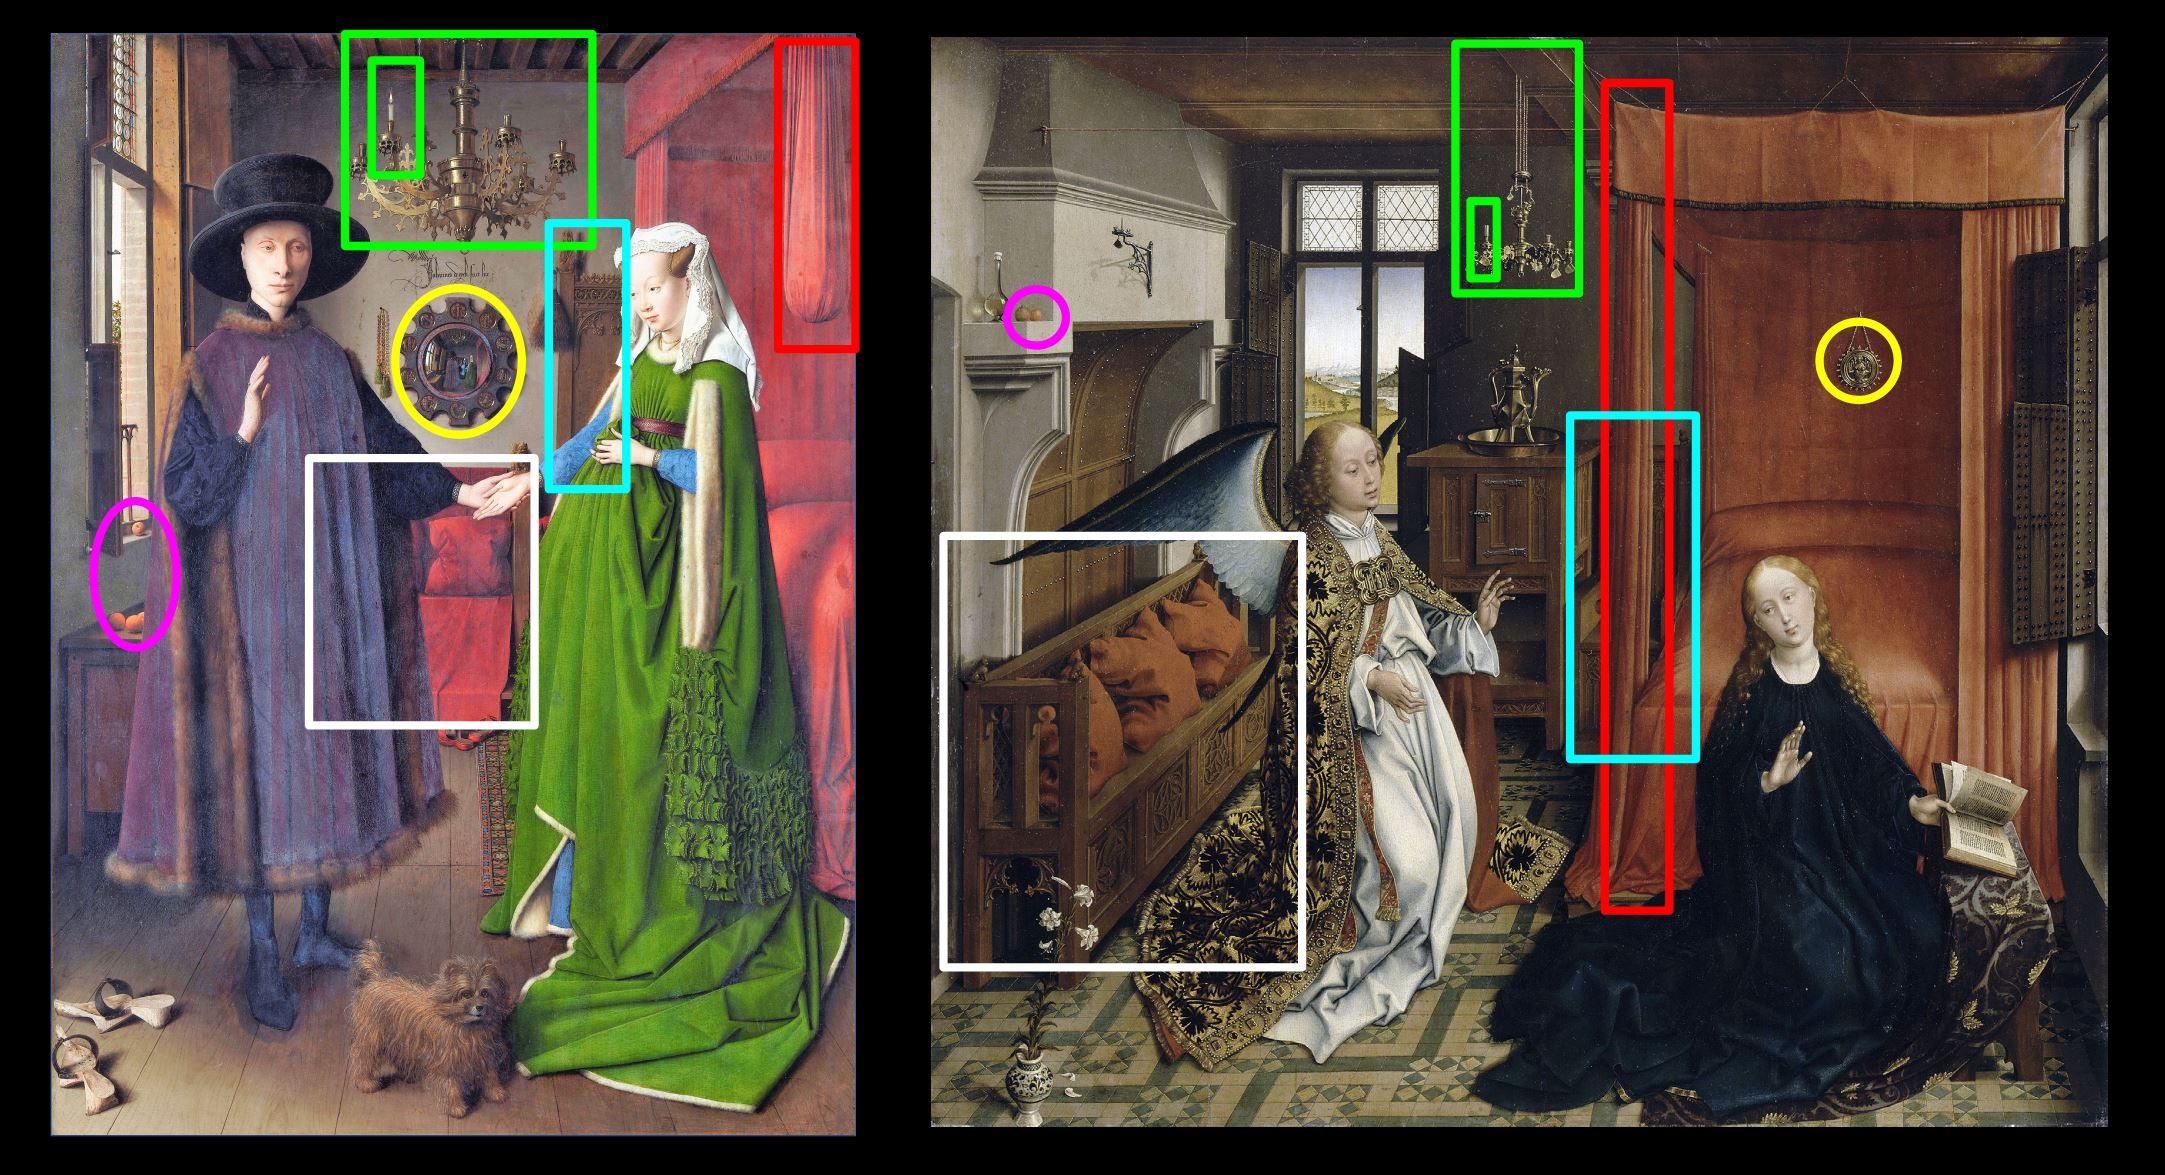 Van_Eyck 1434 _Arnolfini_Portrait comparaison Van der Weyden